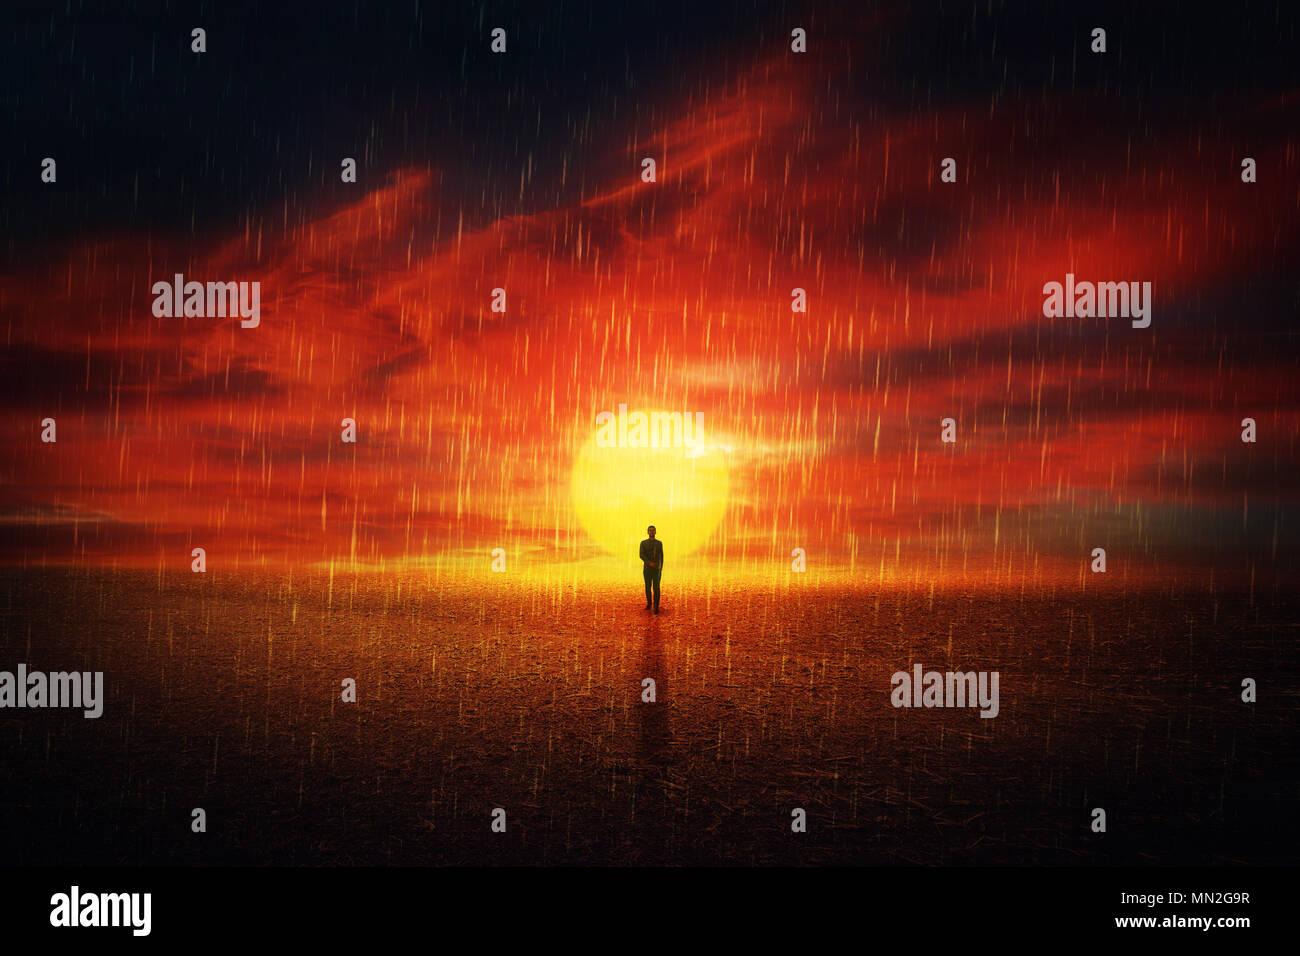 Vue paysage futuriste comme un homme silhouette marcher sur un sol sec du désert sur fond coucher de soleil et les pluies acides qui tombent du ciel. Dépollution globale Photo Stock